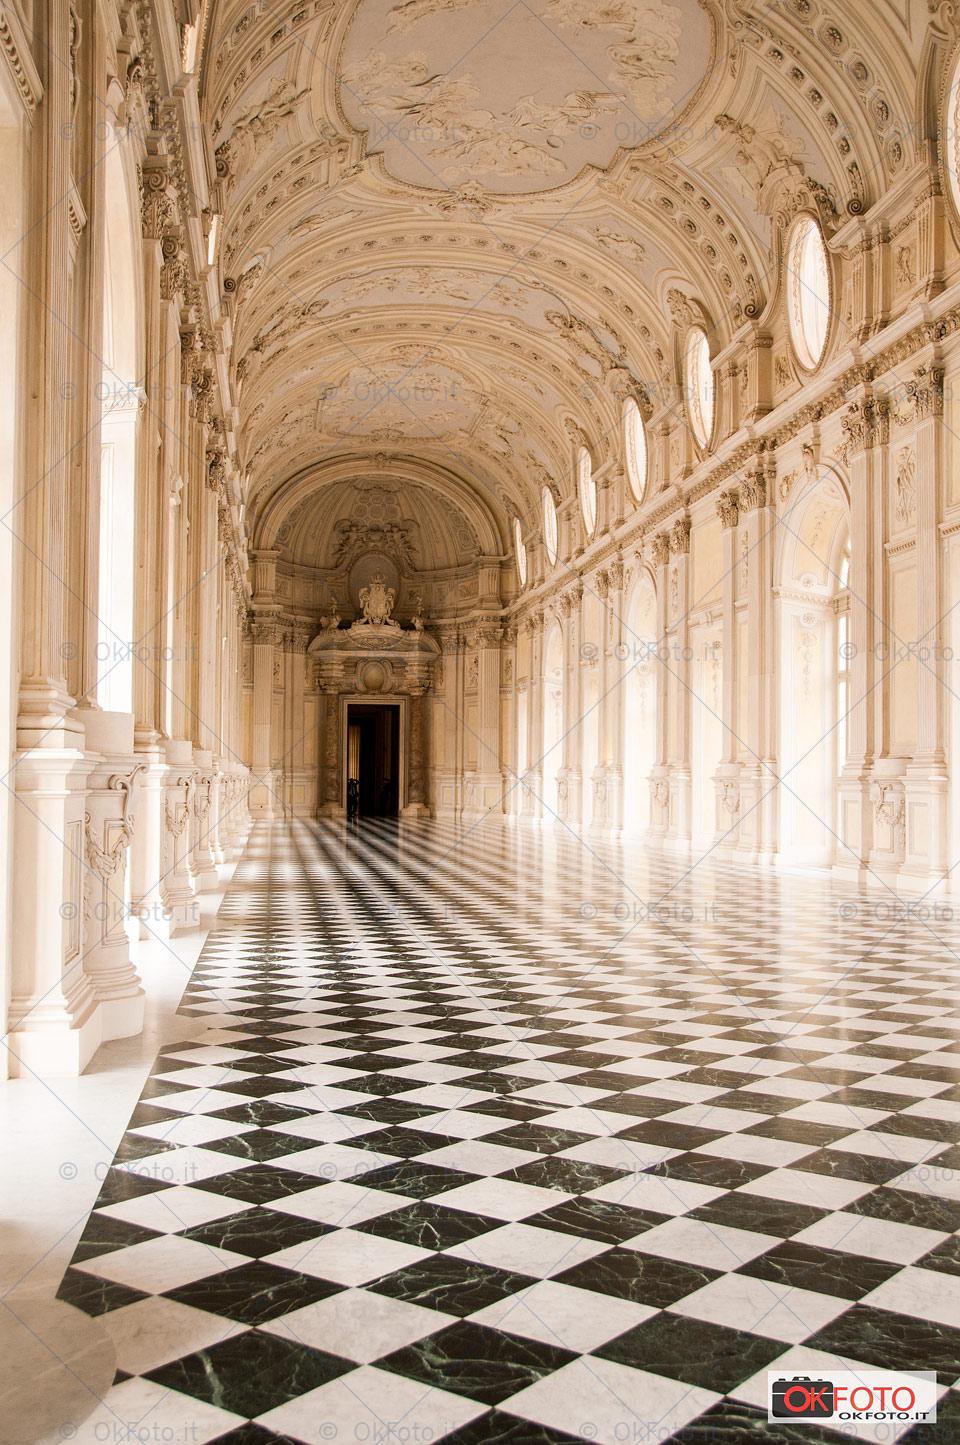 Dal reality cinese girato a Torino arriverà un nuovo impulso per il turismo?